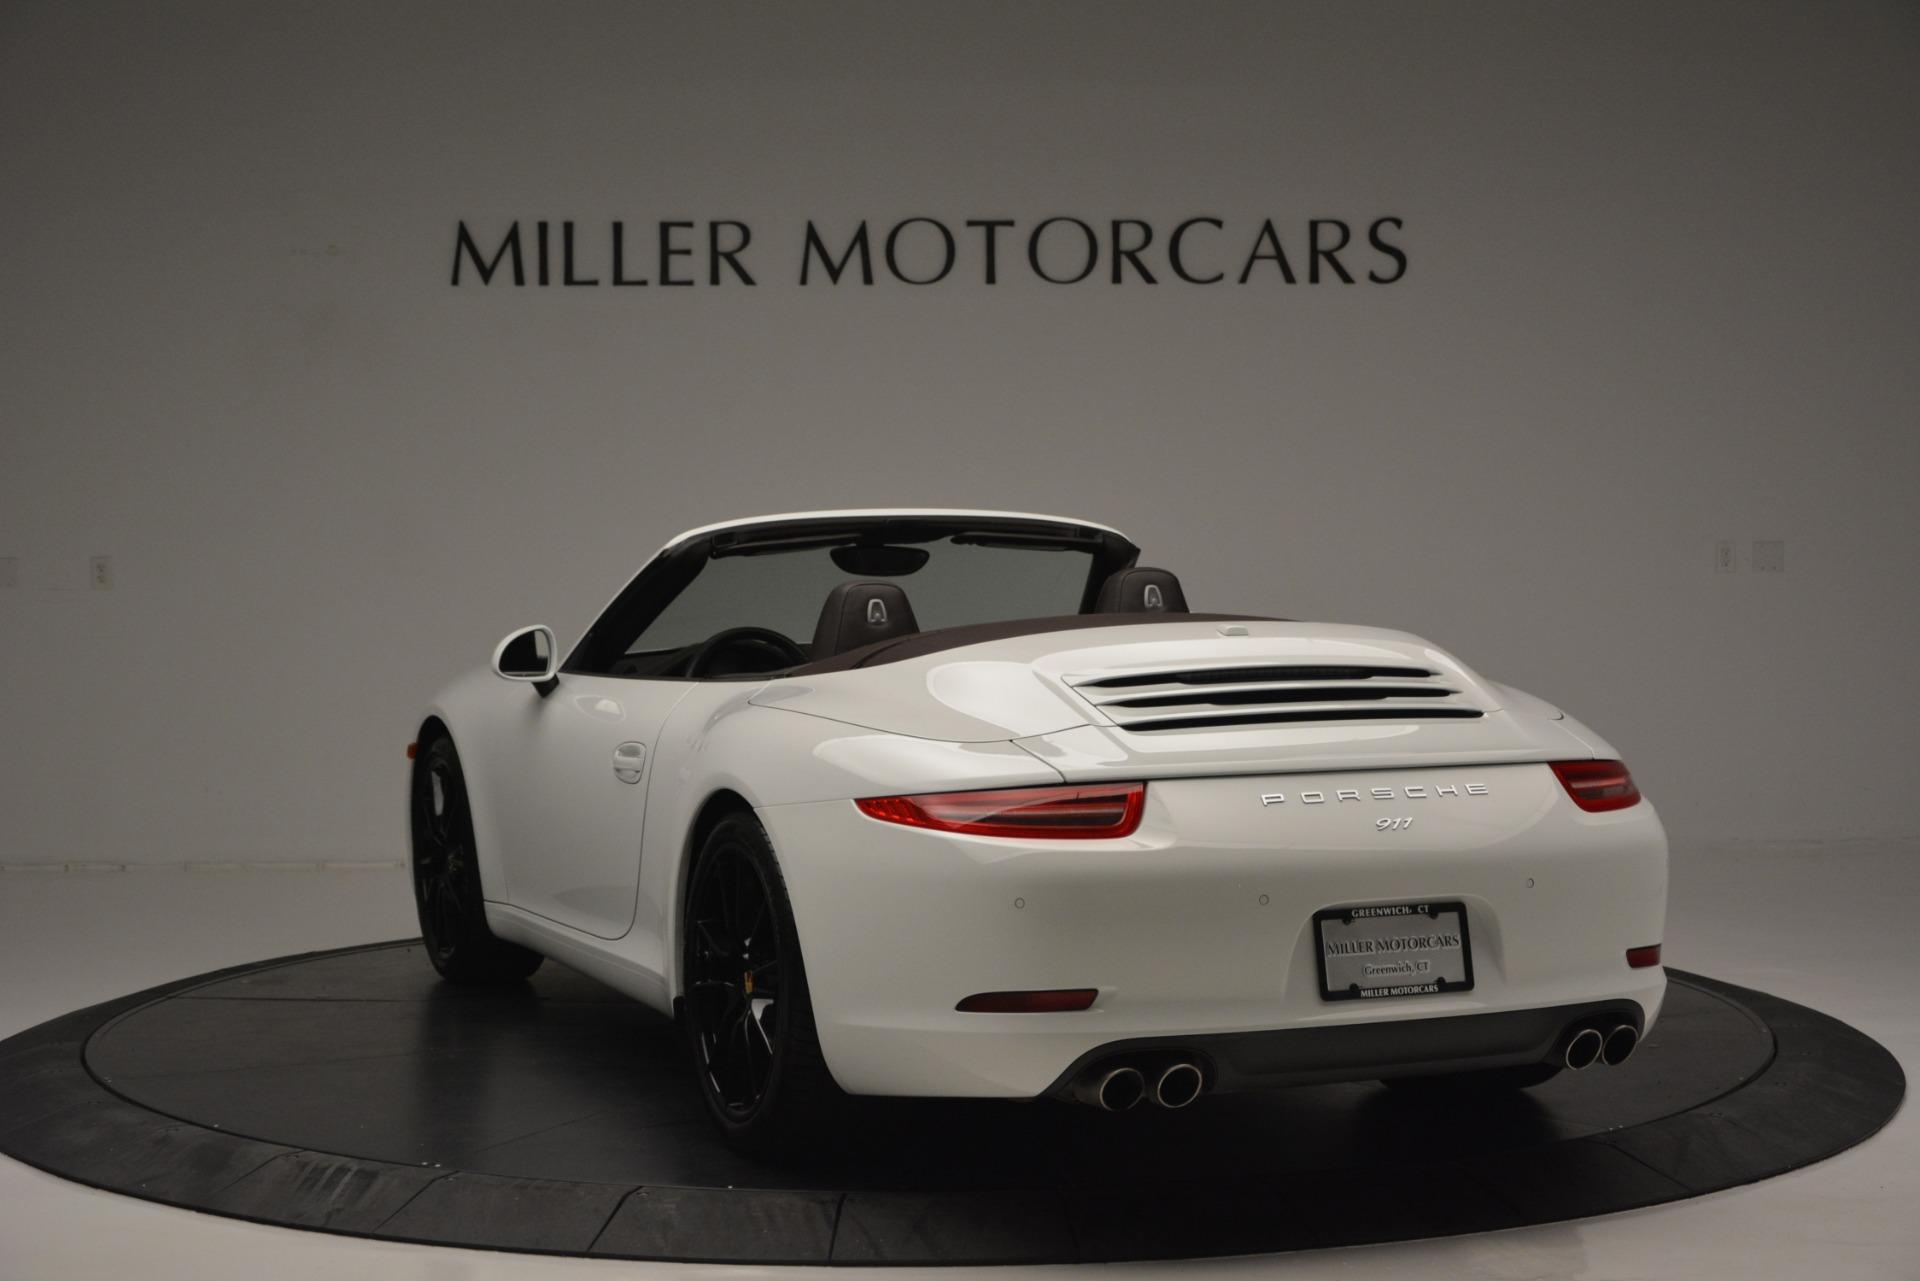 Used 2015 Porsche 911 Carrera S For Sale In Greenwich, CT 2578_p5